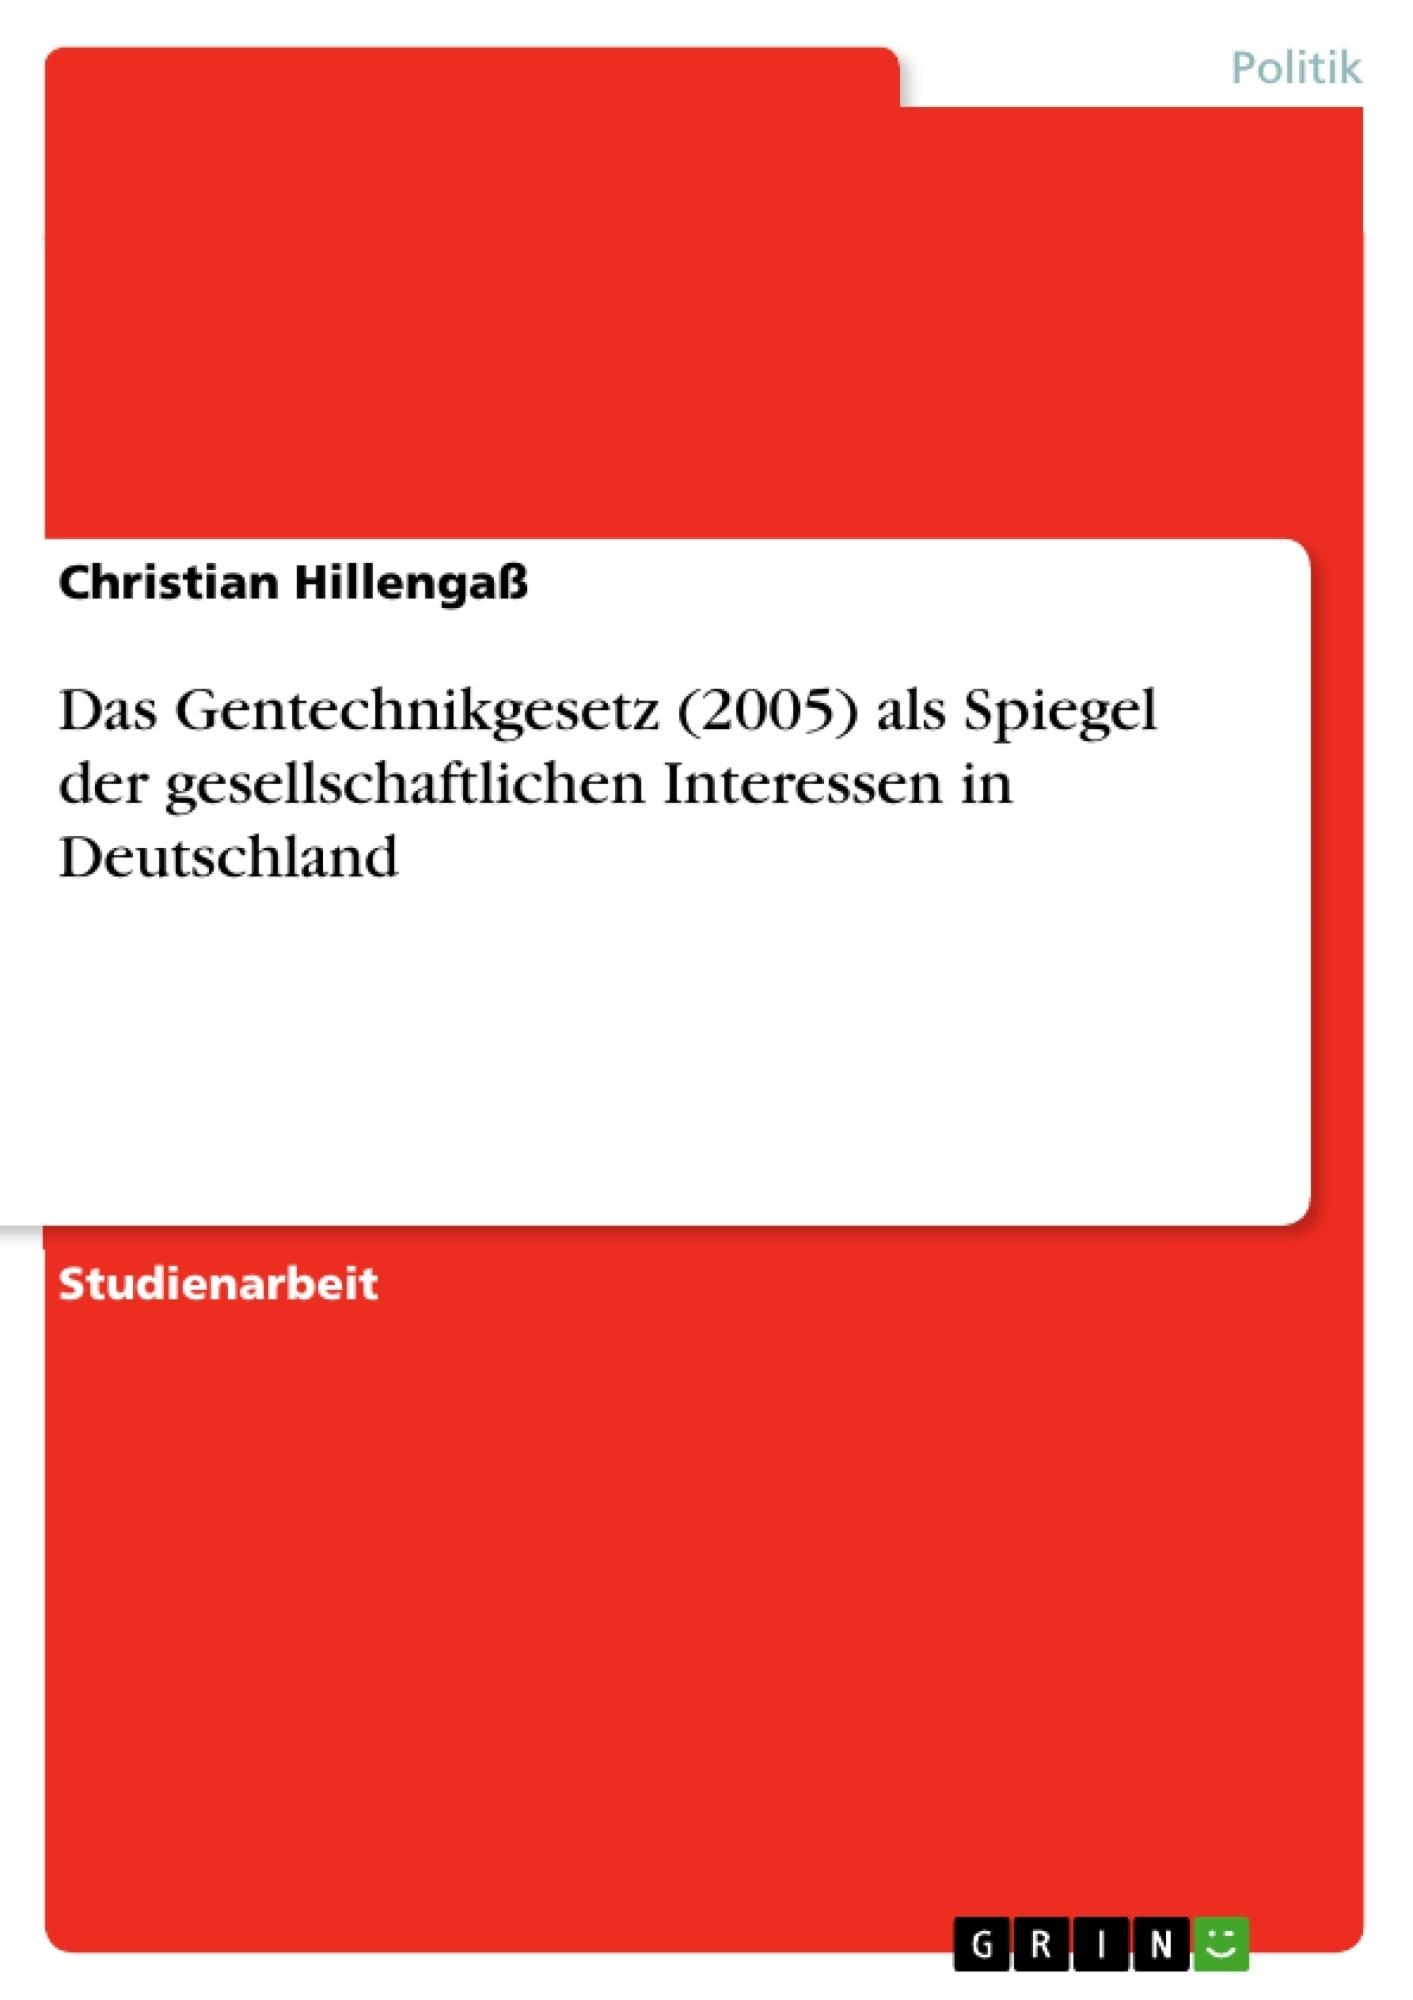 Titel: Das Gentechnikgesetz (2005) als Spiegel der gesellschaftlichen Interessen in Deutschland